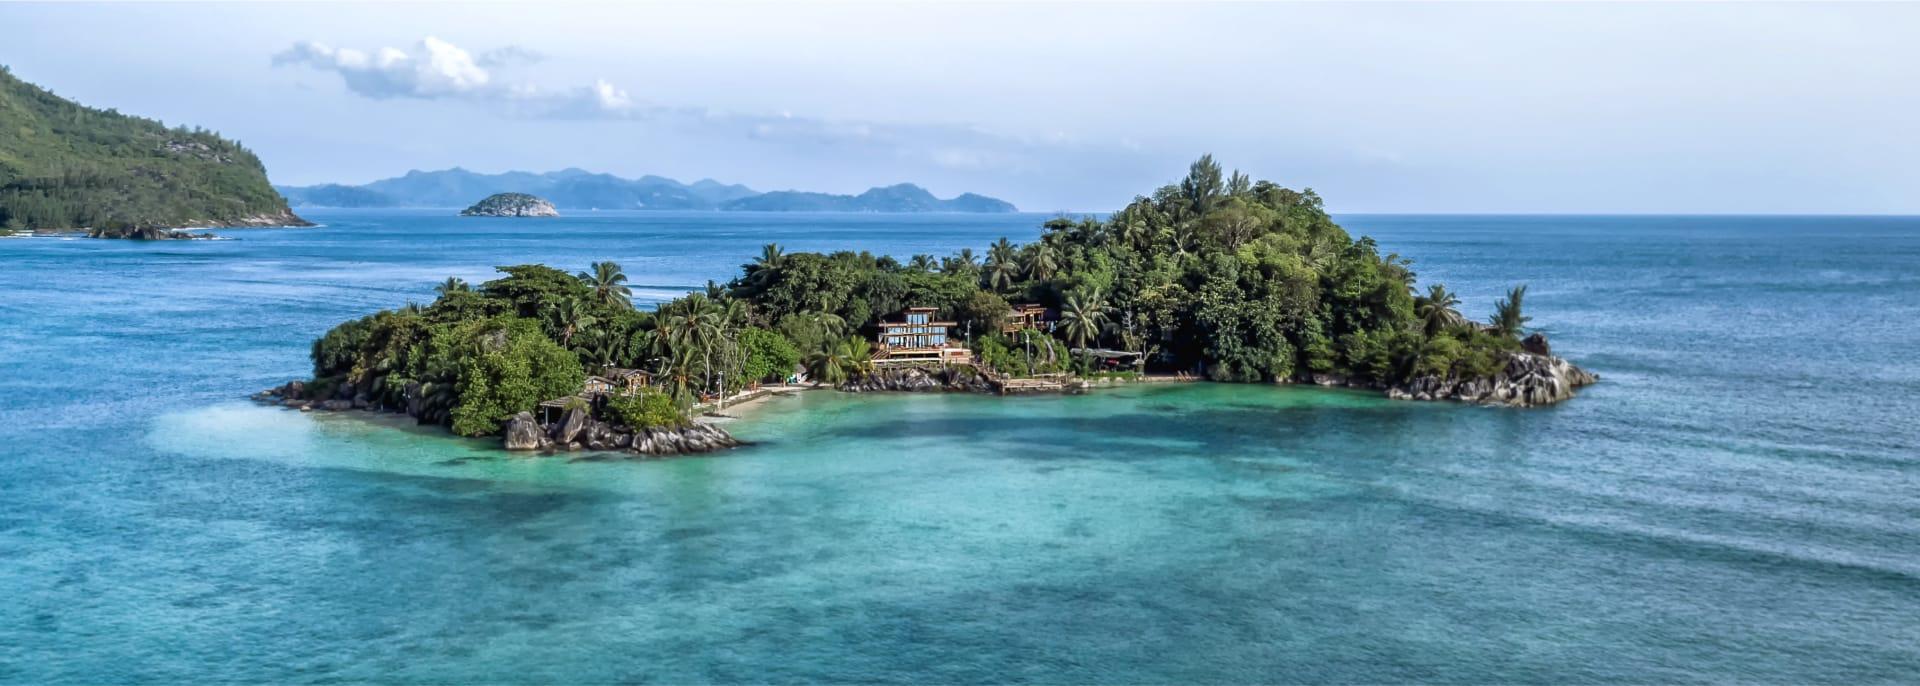 Island in water in seychelles